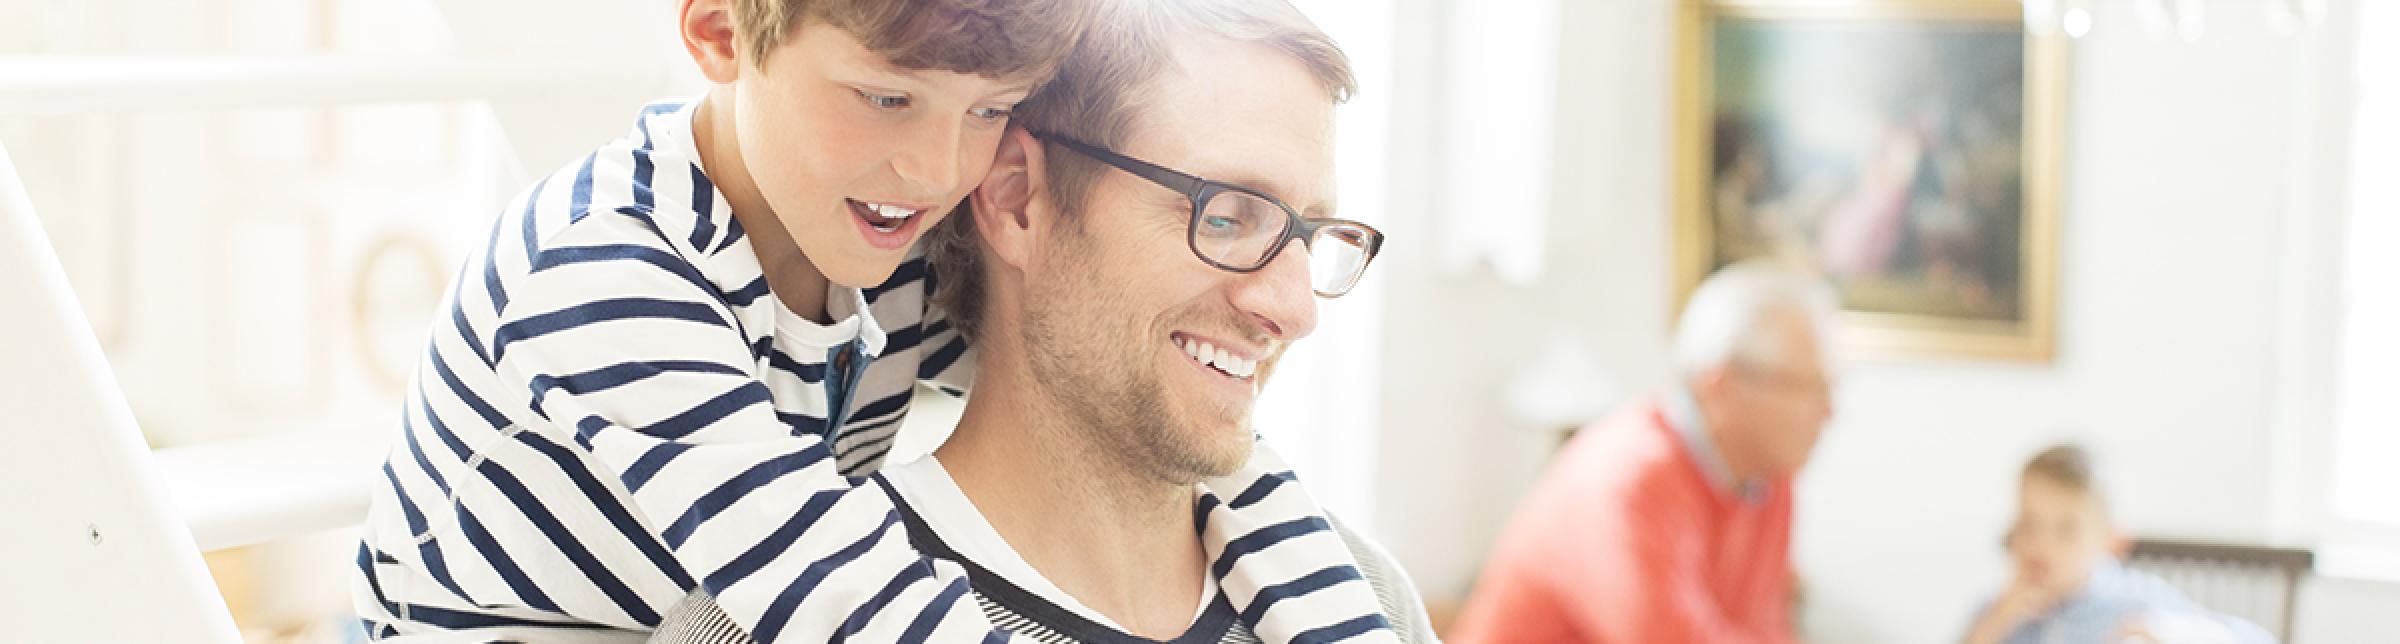 Papà giovane che viene abbracciato alle spalle dal proprio figlio